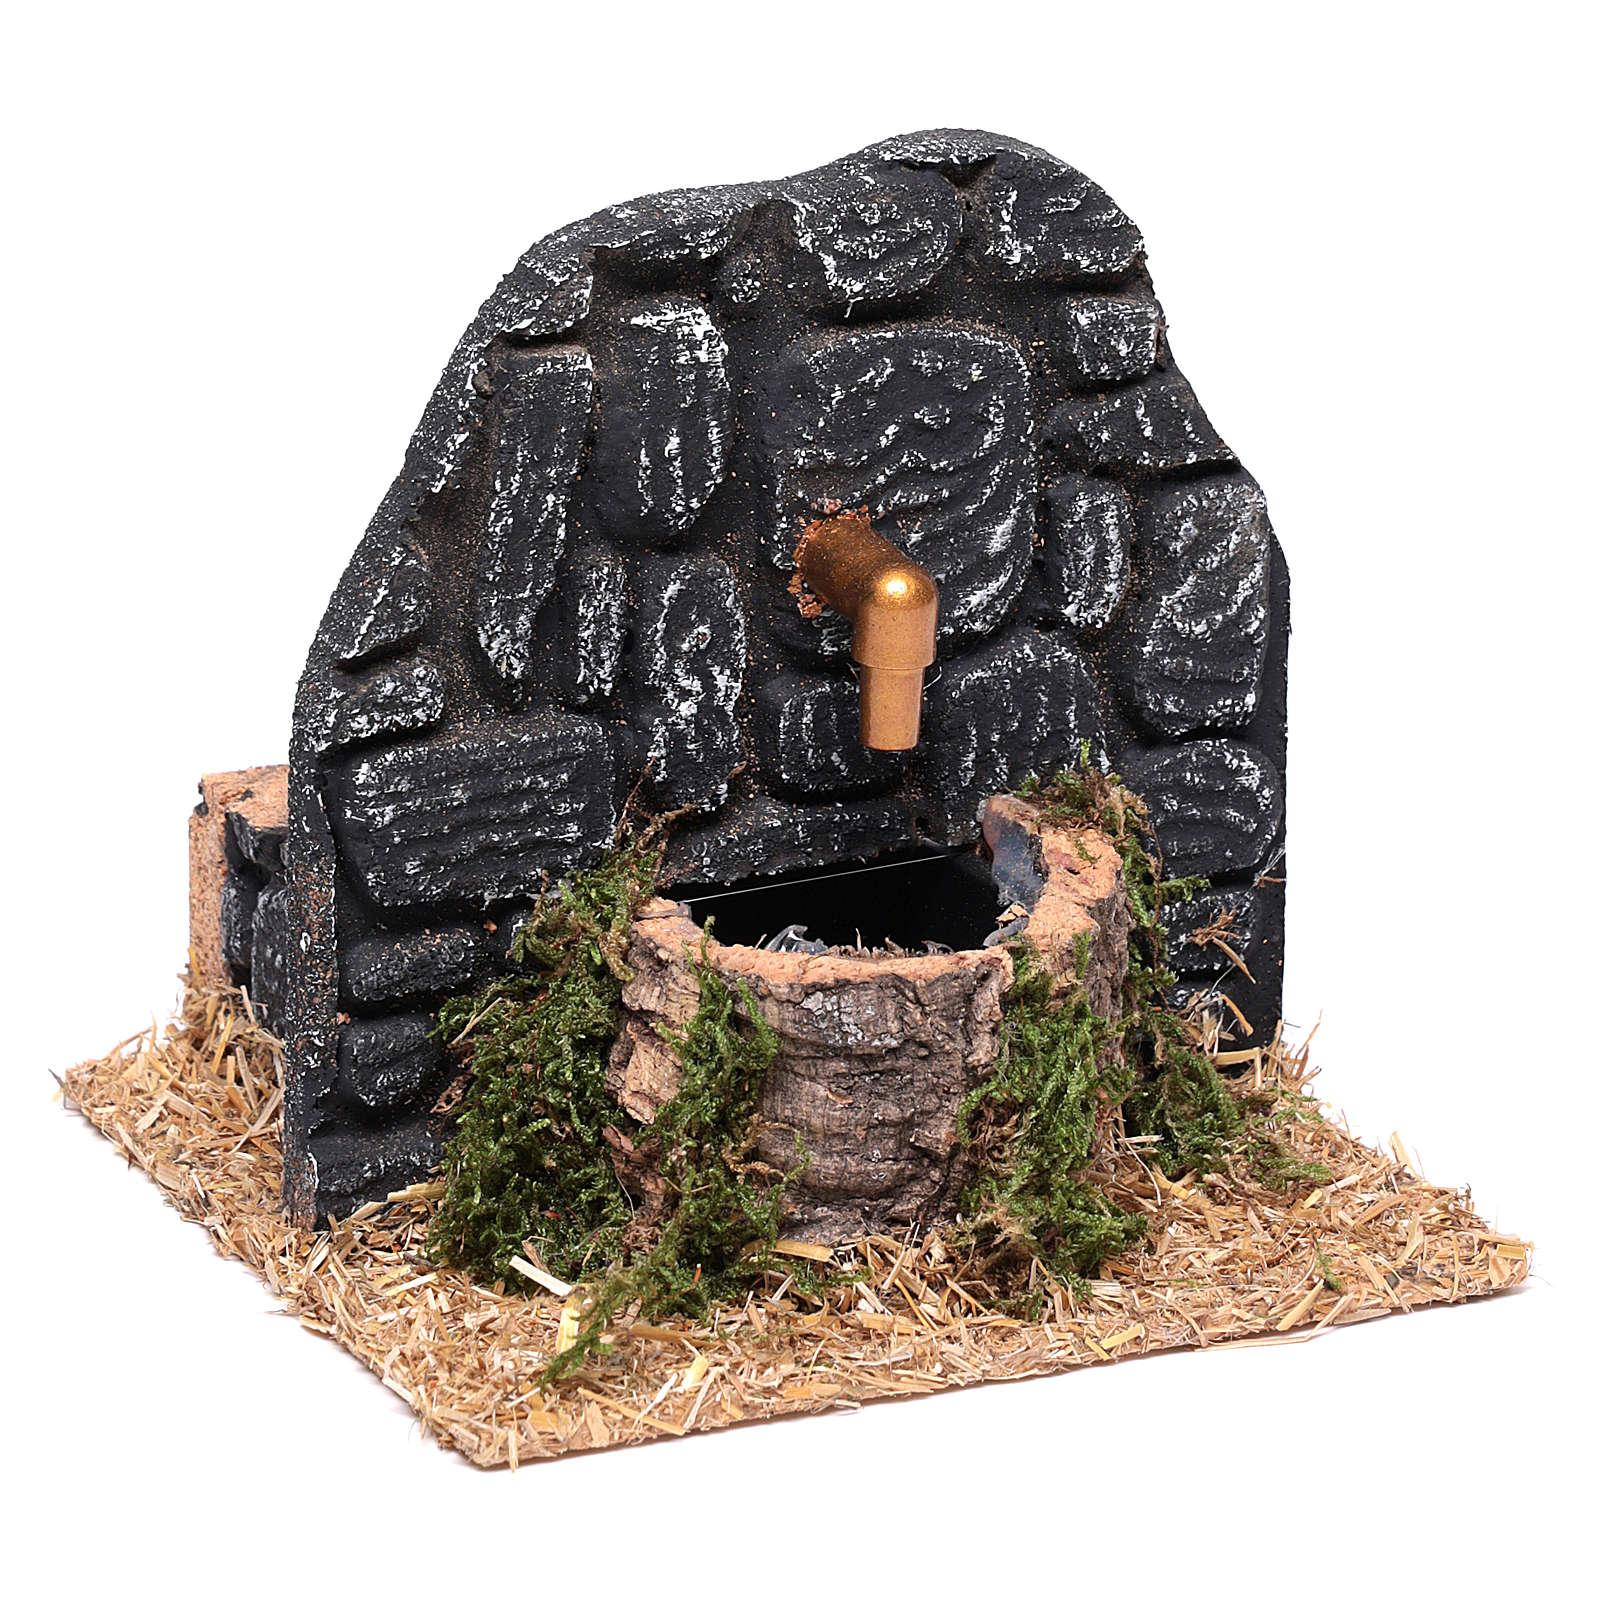 Fontana con muro pietre scure 15x15x15 cm 4